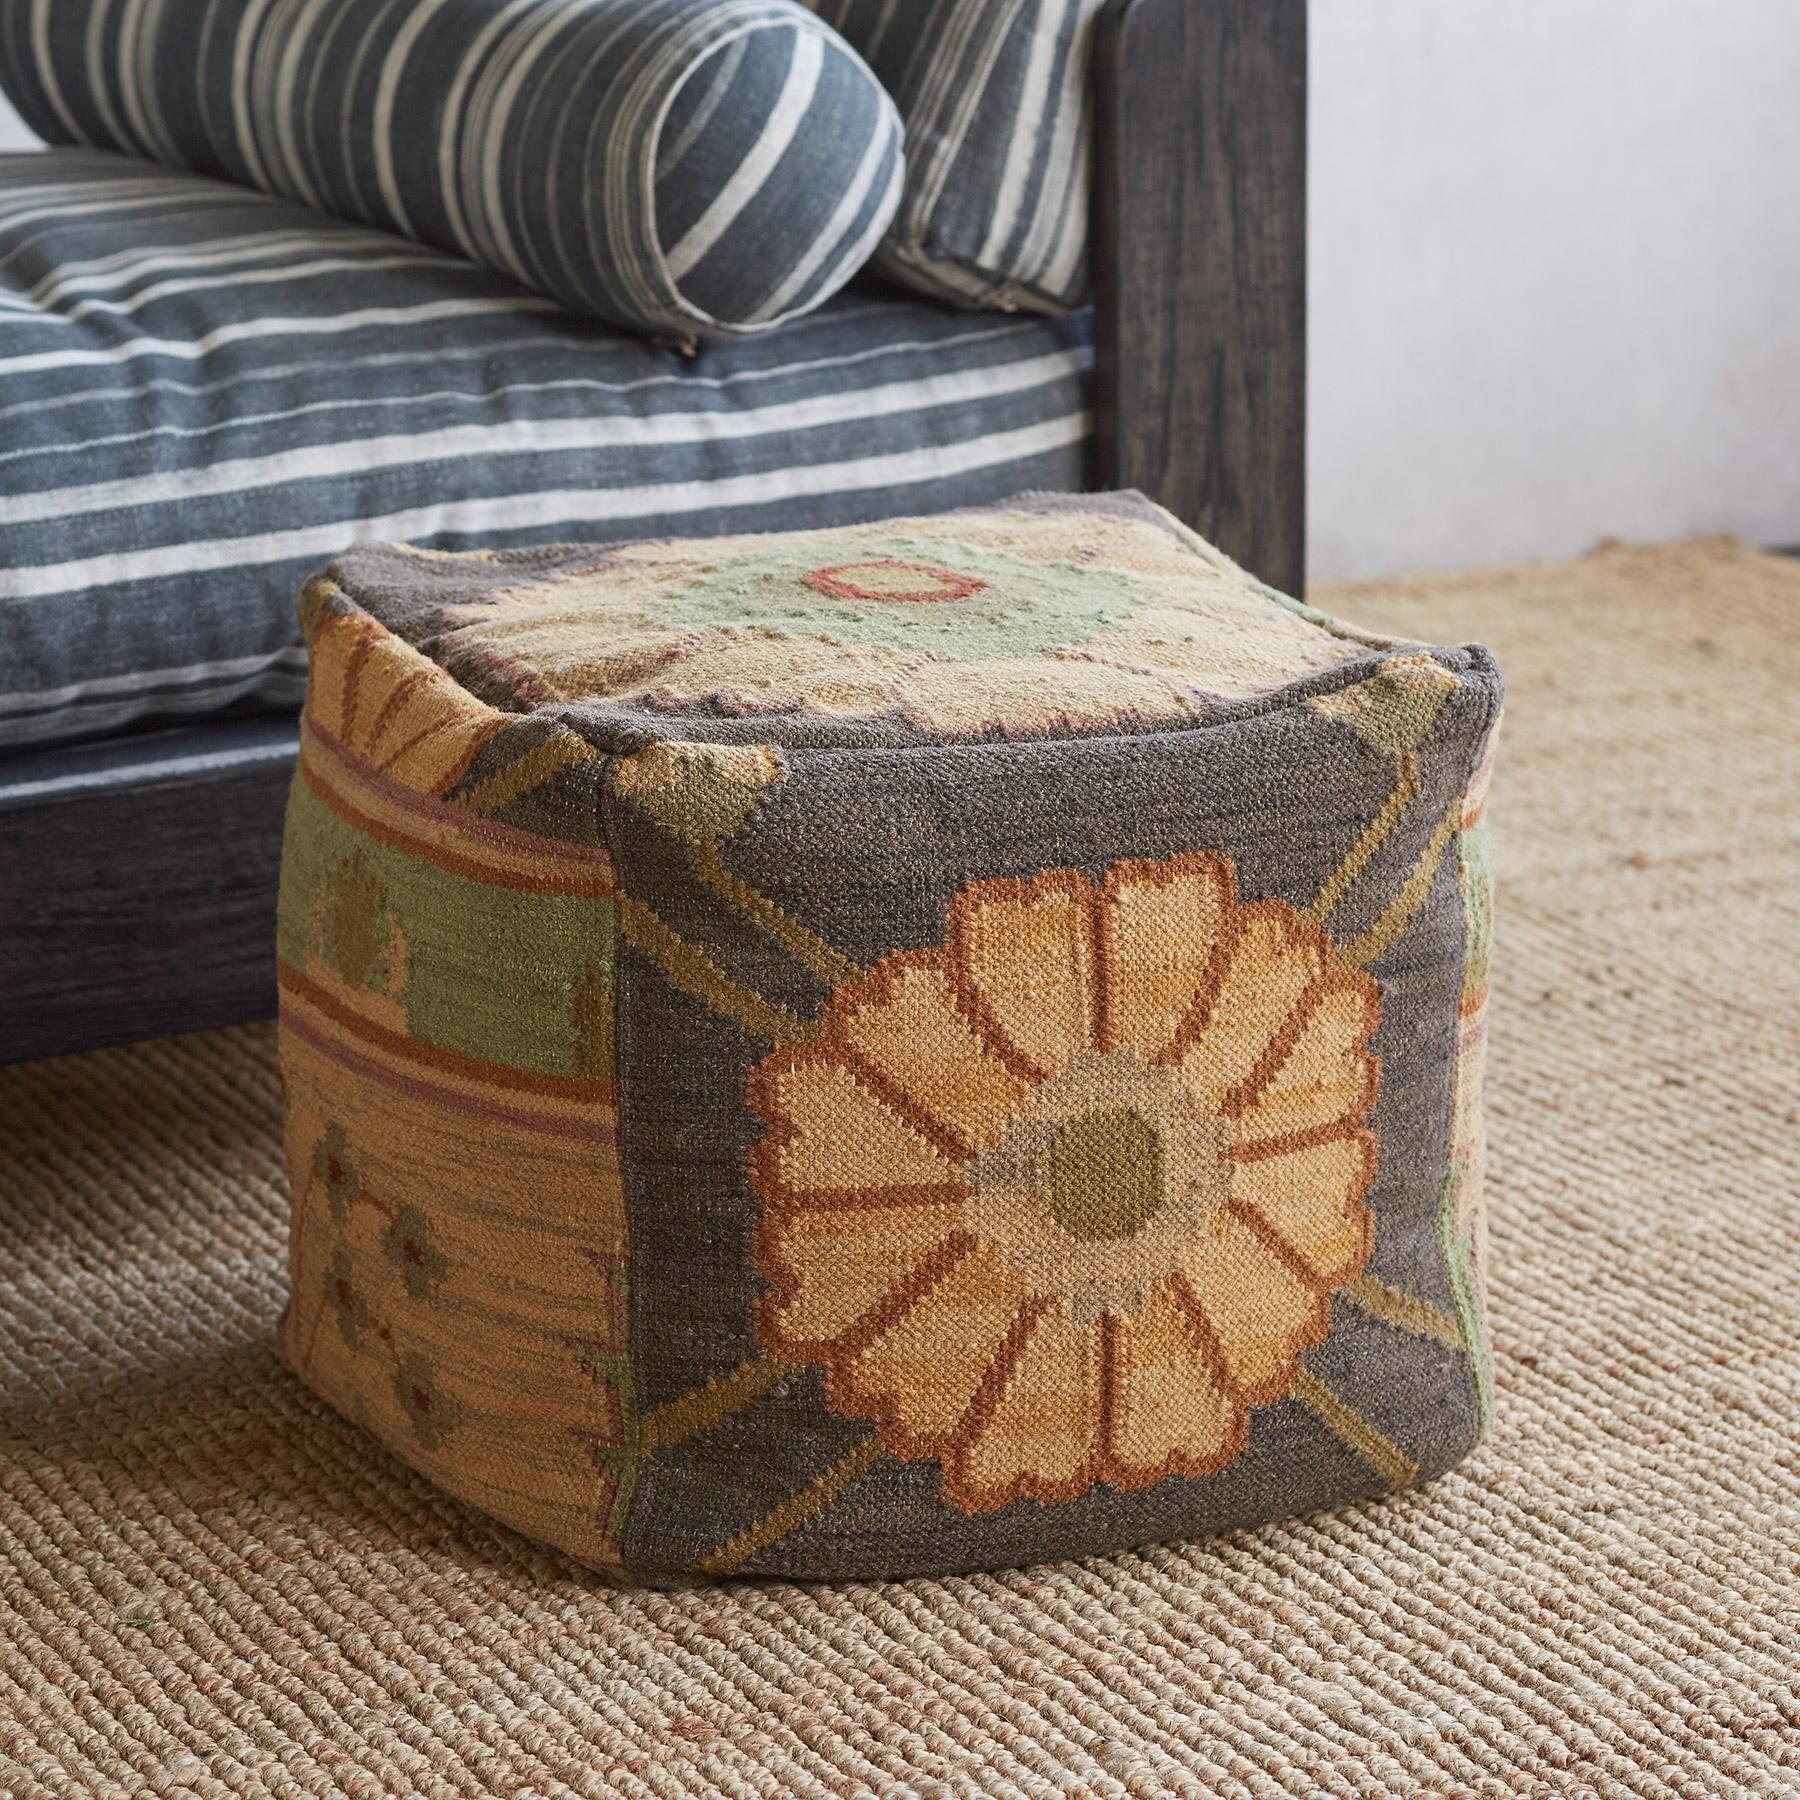 Kismet Kilim Pouf In 2020 Kilim Pouf Reclaimed Furniture